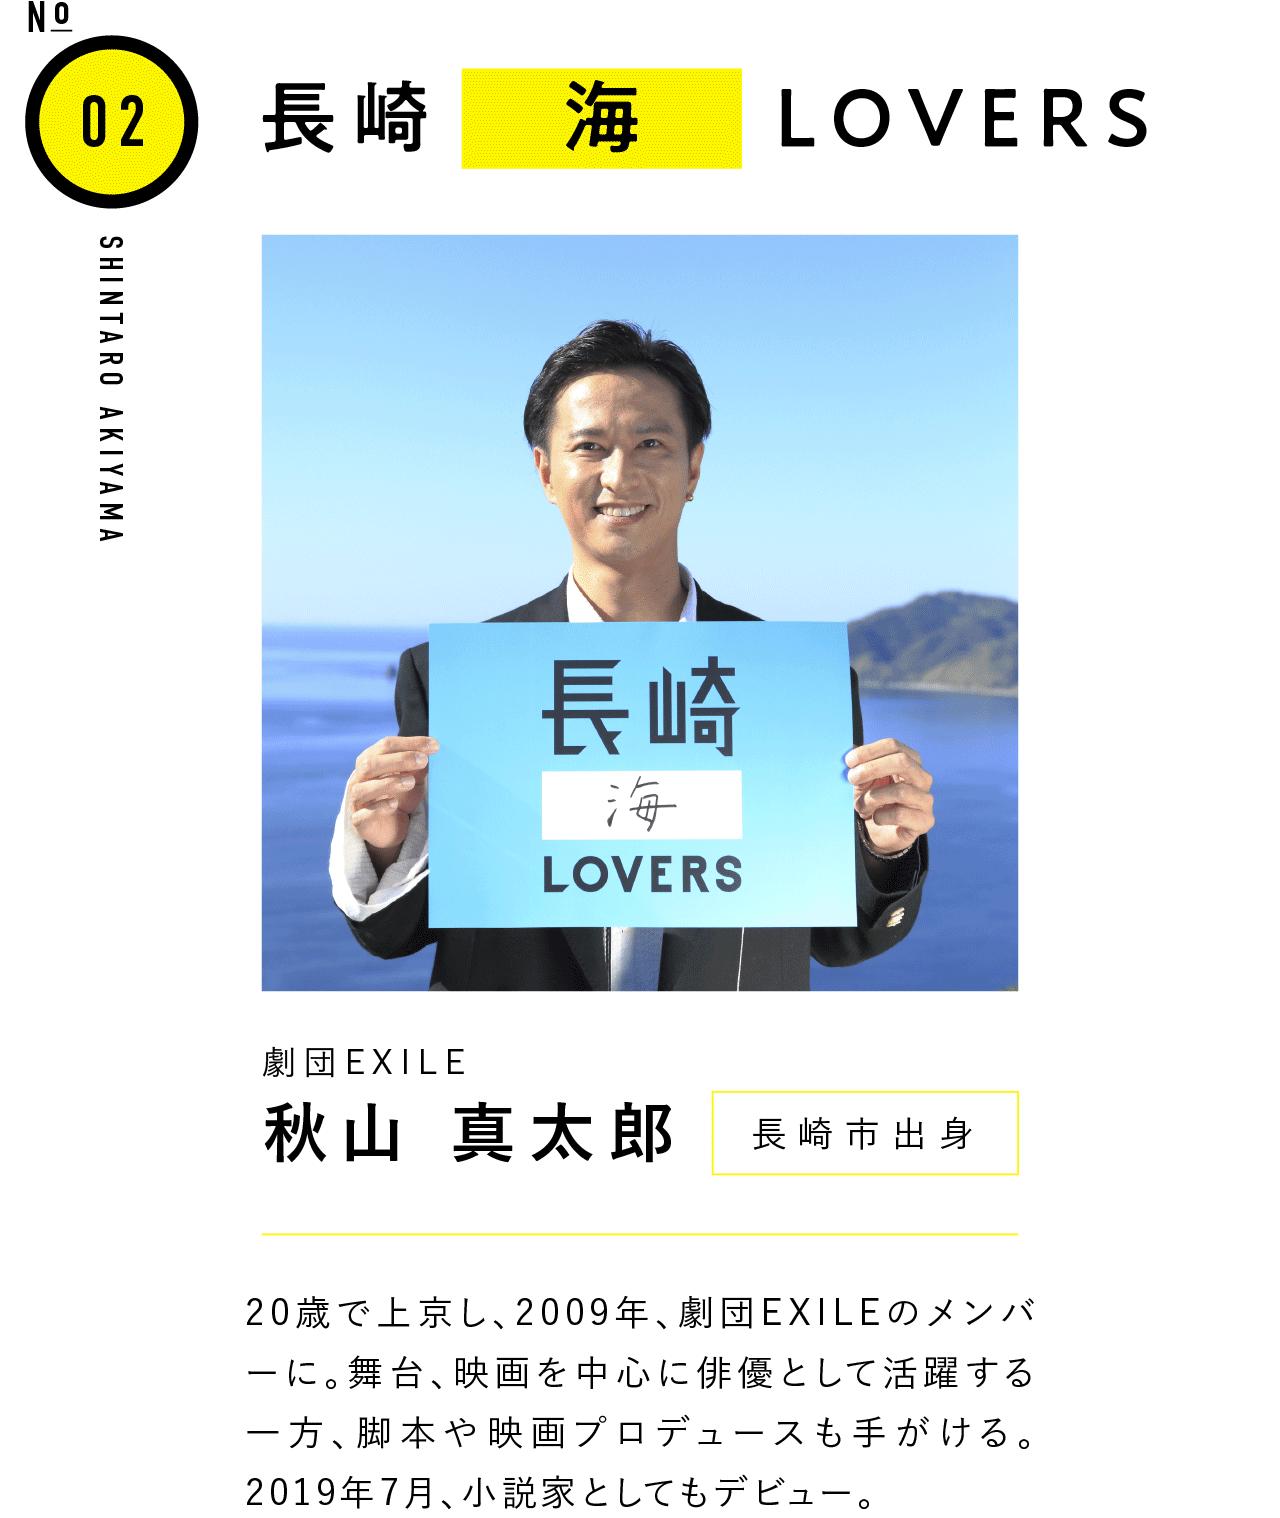 02長崎海LOVERS 劇団EXILE 秋山 真太郎 長崎市出身 20歳で上京し、2009年、劇団EXILEのメンバーに。舞台、映画を中心に俳優として活躍する一方、脚本や映画プロデュースも手がける。2019年7月、小説家としてもデビュー。